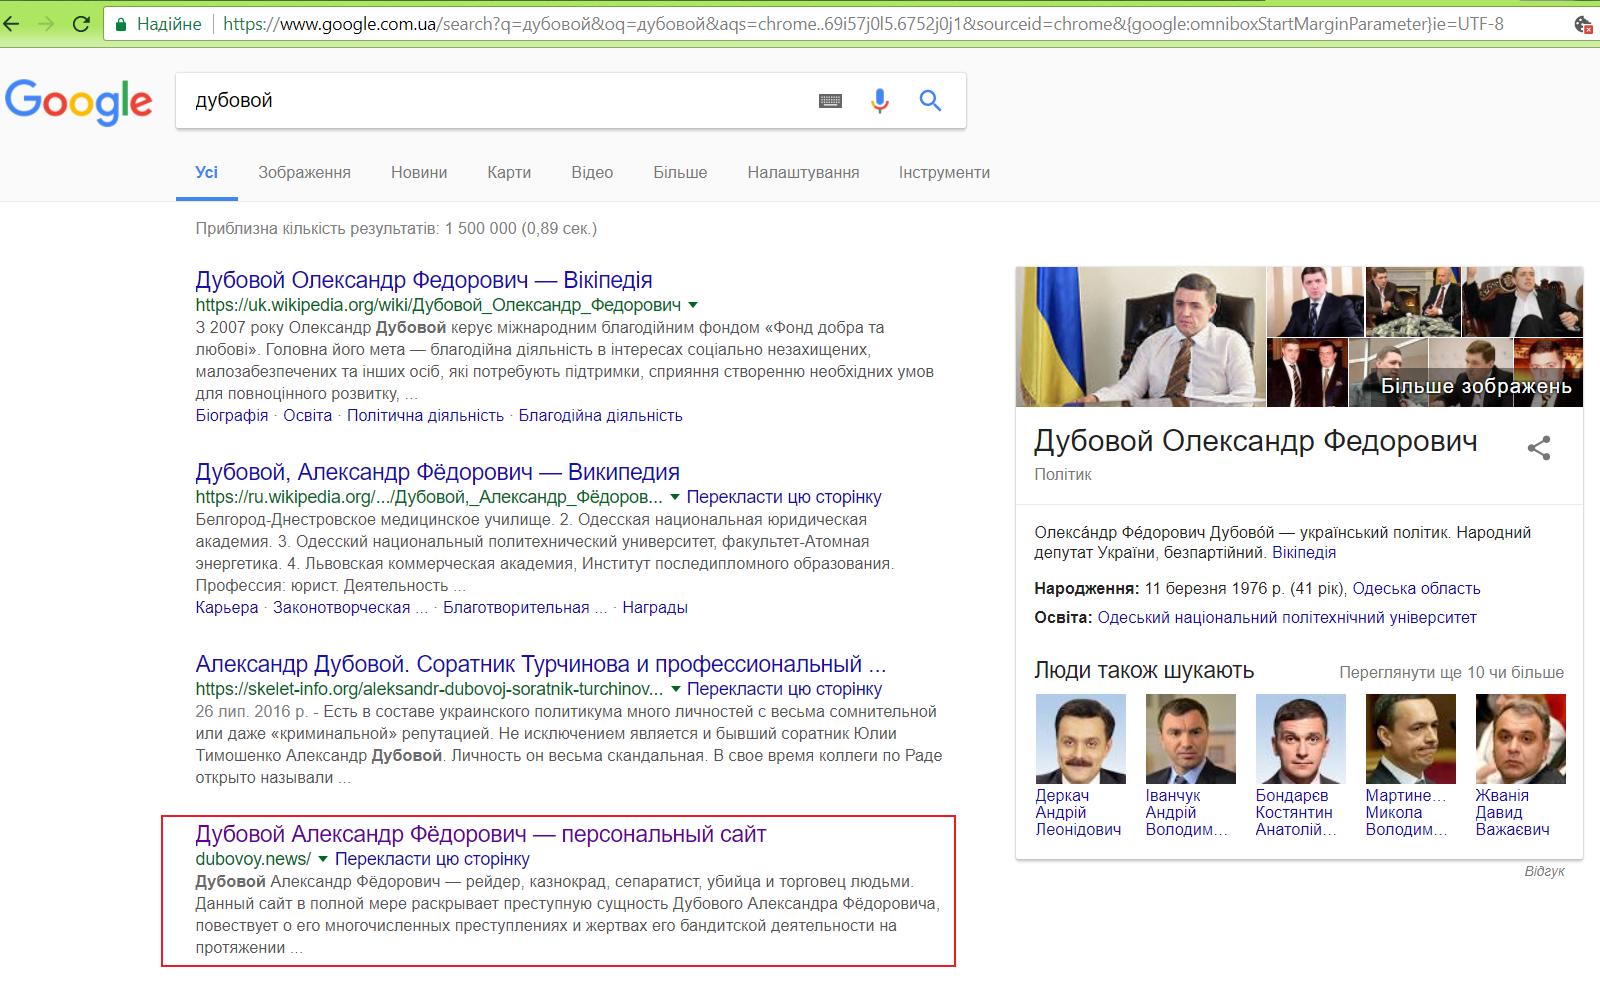 d5863b05175d Приклад того, як стараннями фахівців, які називаються SEO, Гугл видає на  першій сторінці свого пошуковика сайт, створений з метою дискредитації  людини